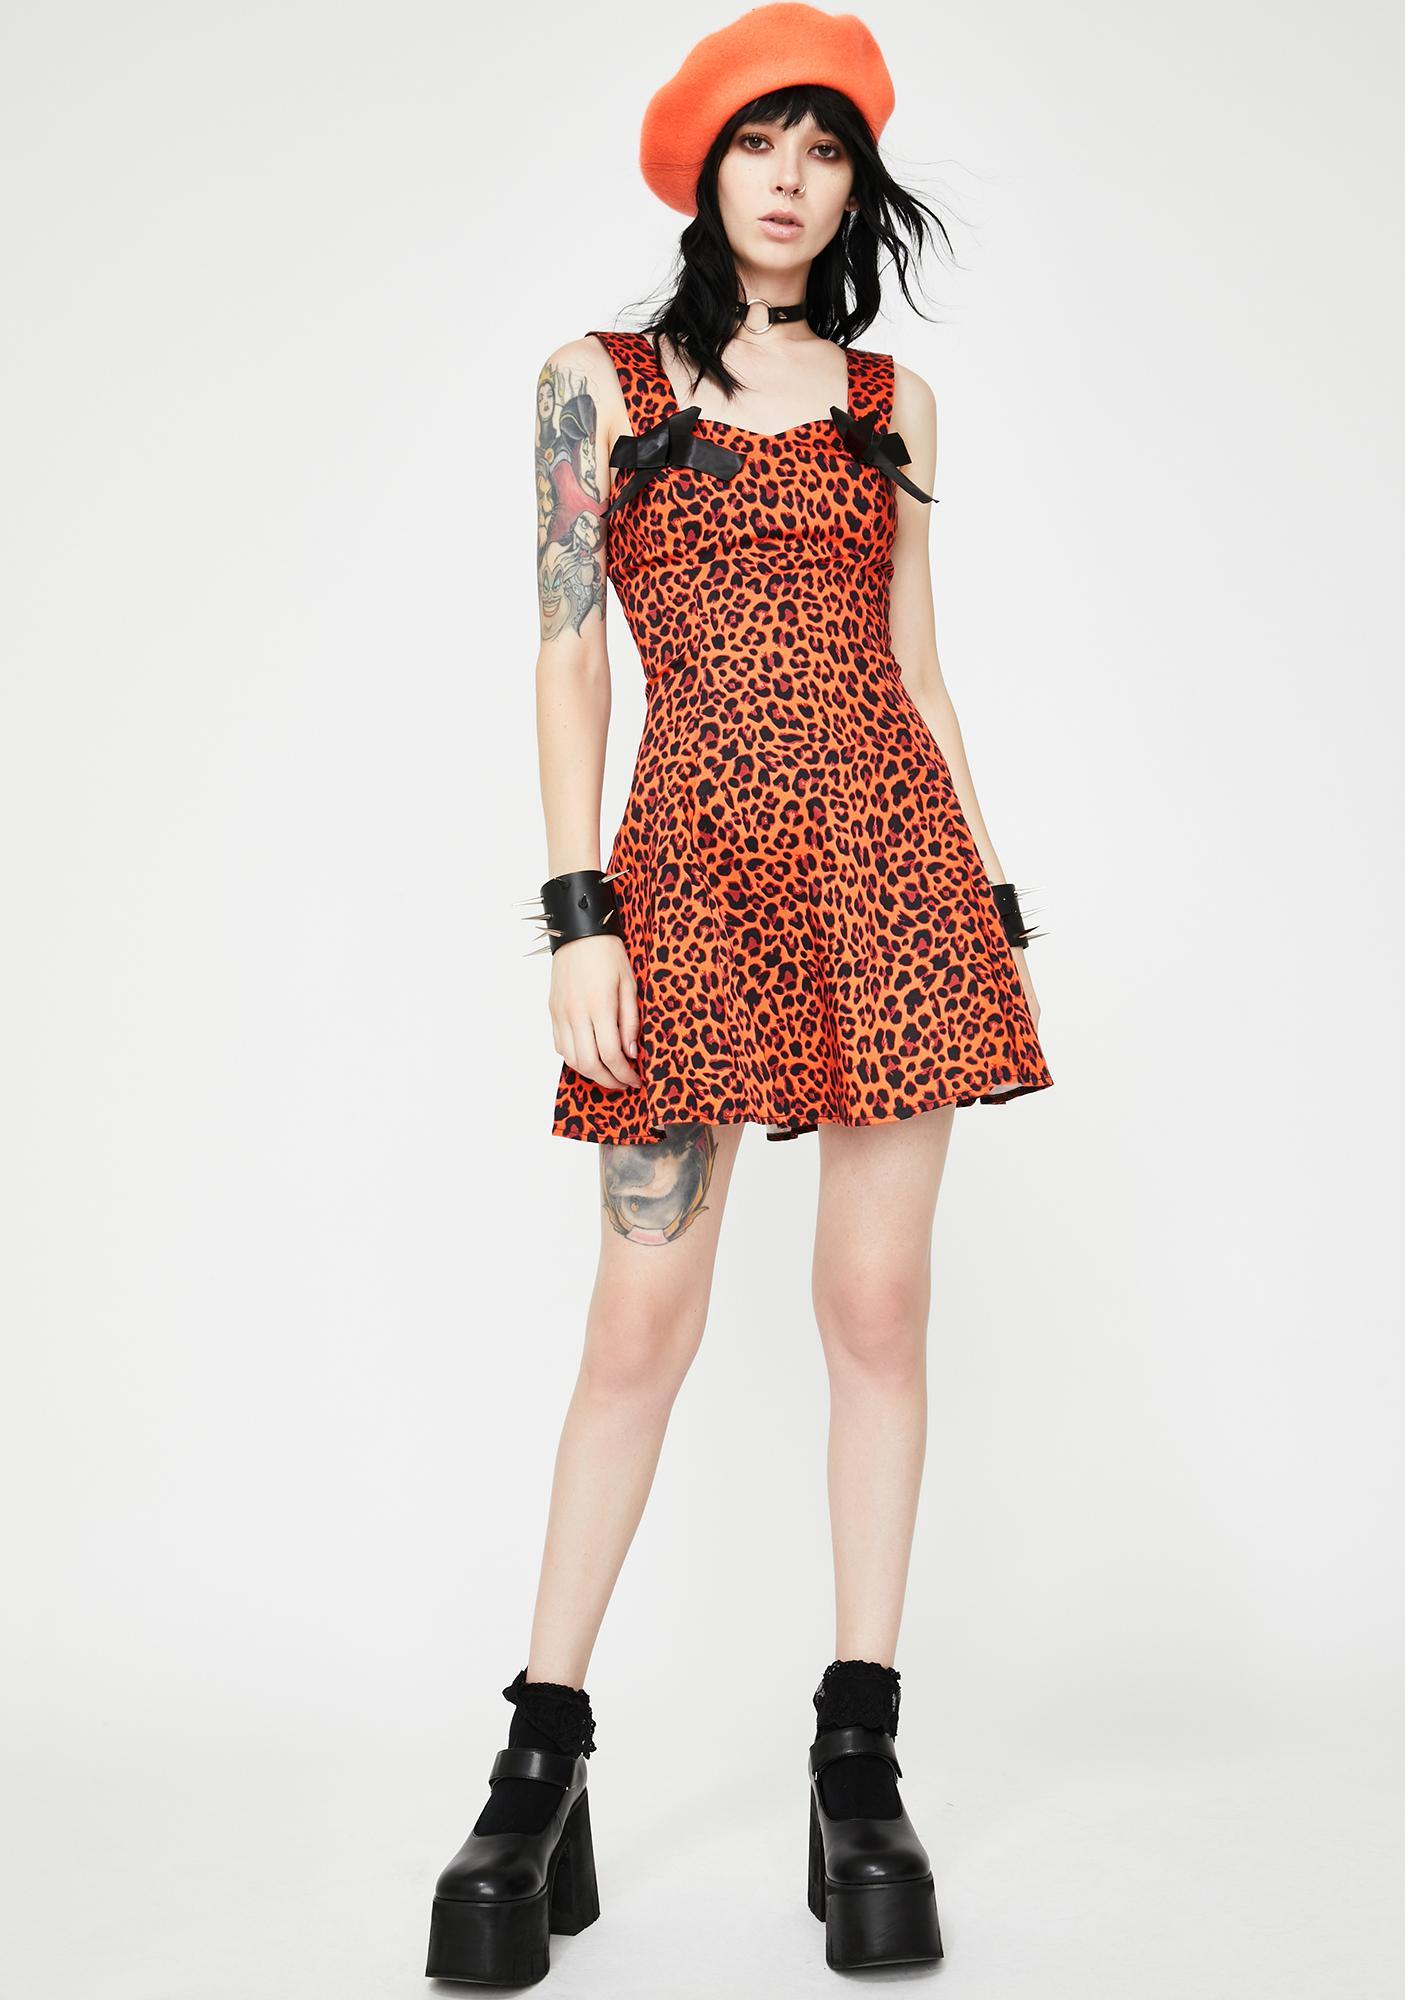 Dr. Faust Fire Leopard Mini Dress